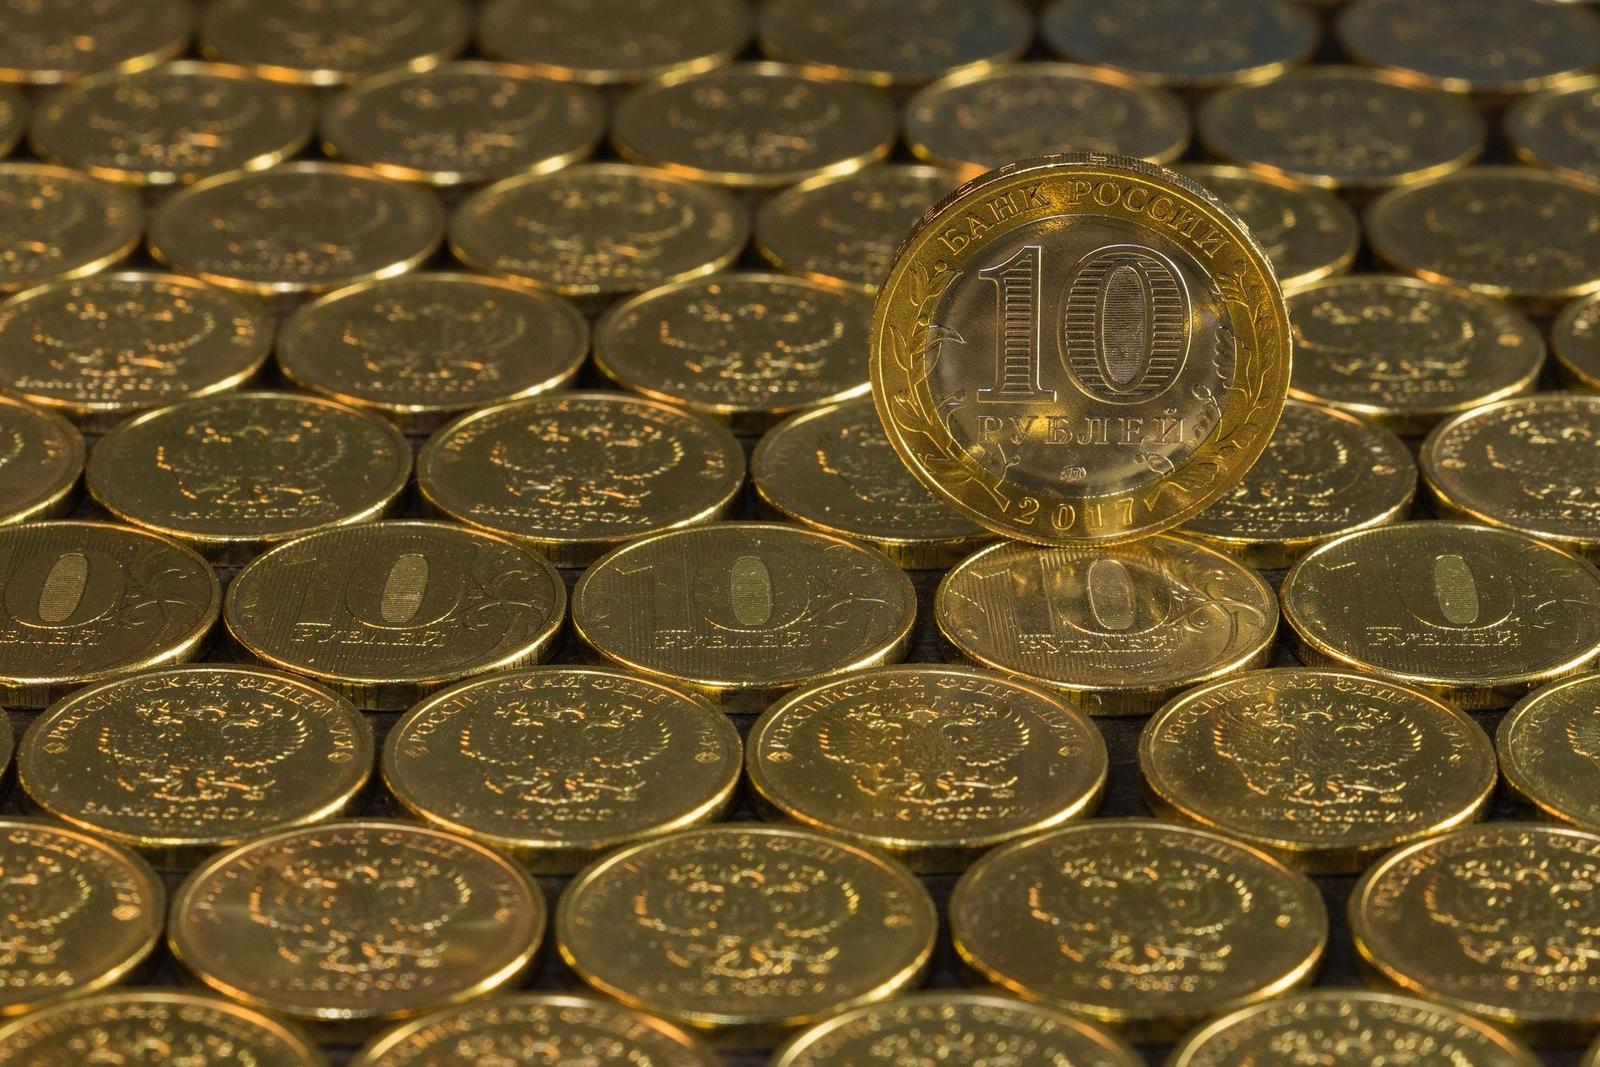 Отмены чеканной монеты не будет. Новые выдумки СМИ